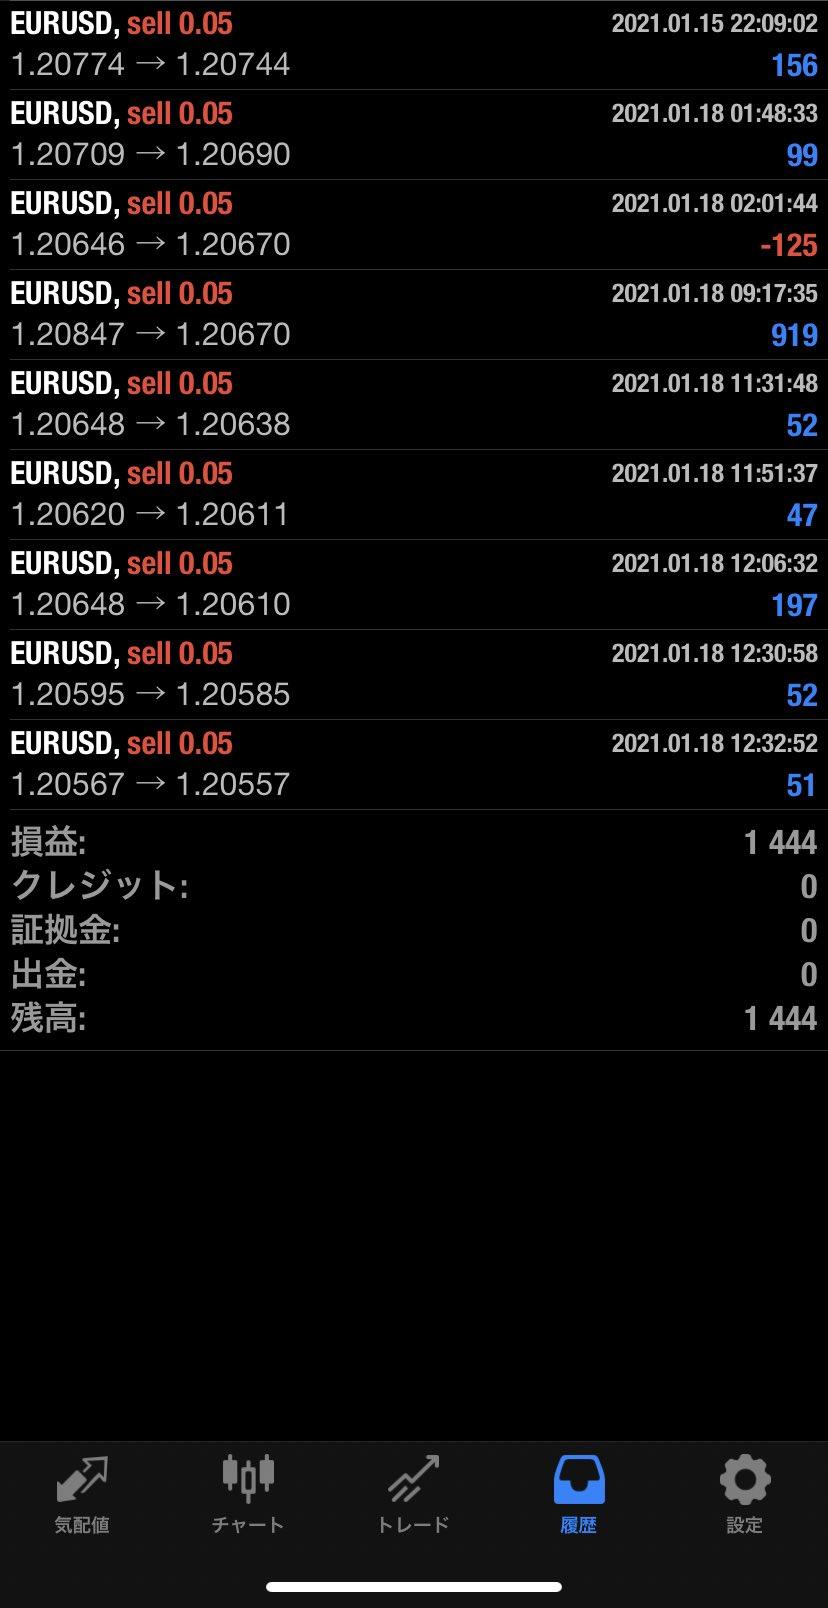 2021年1月18日 EUR/USDバージョン1,444円